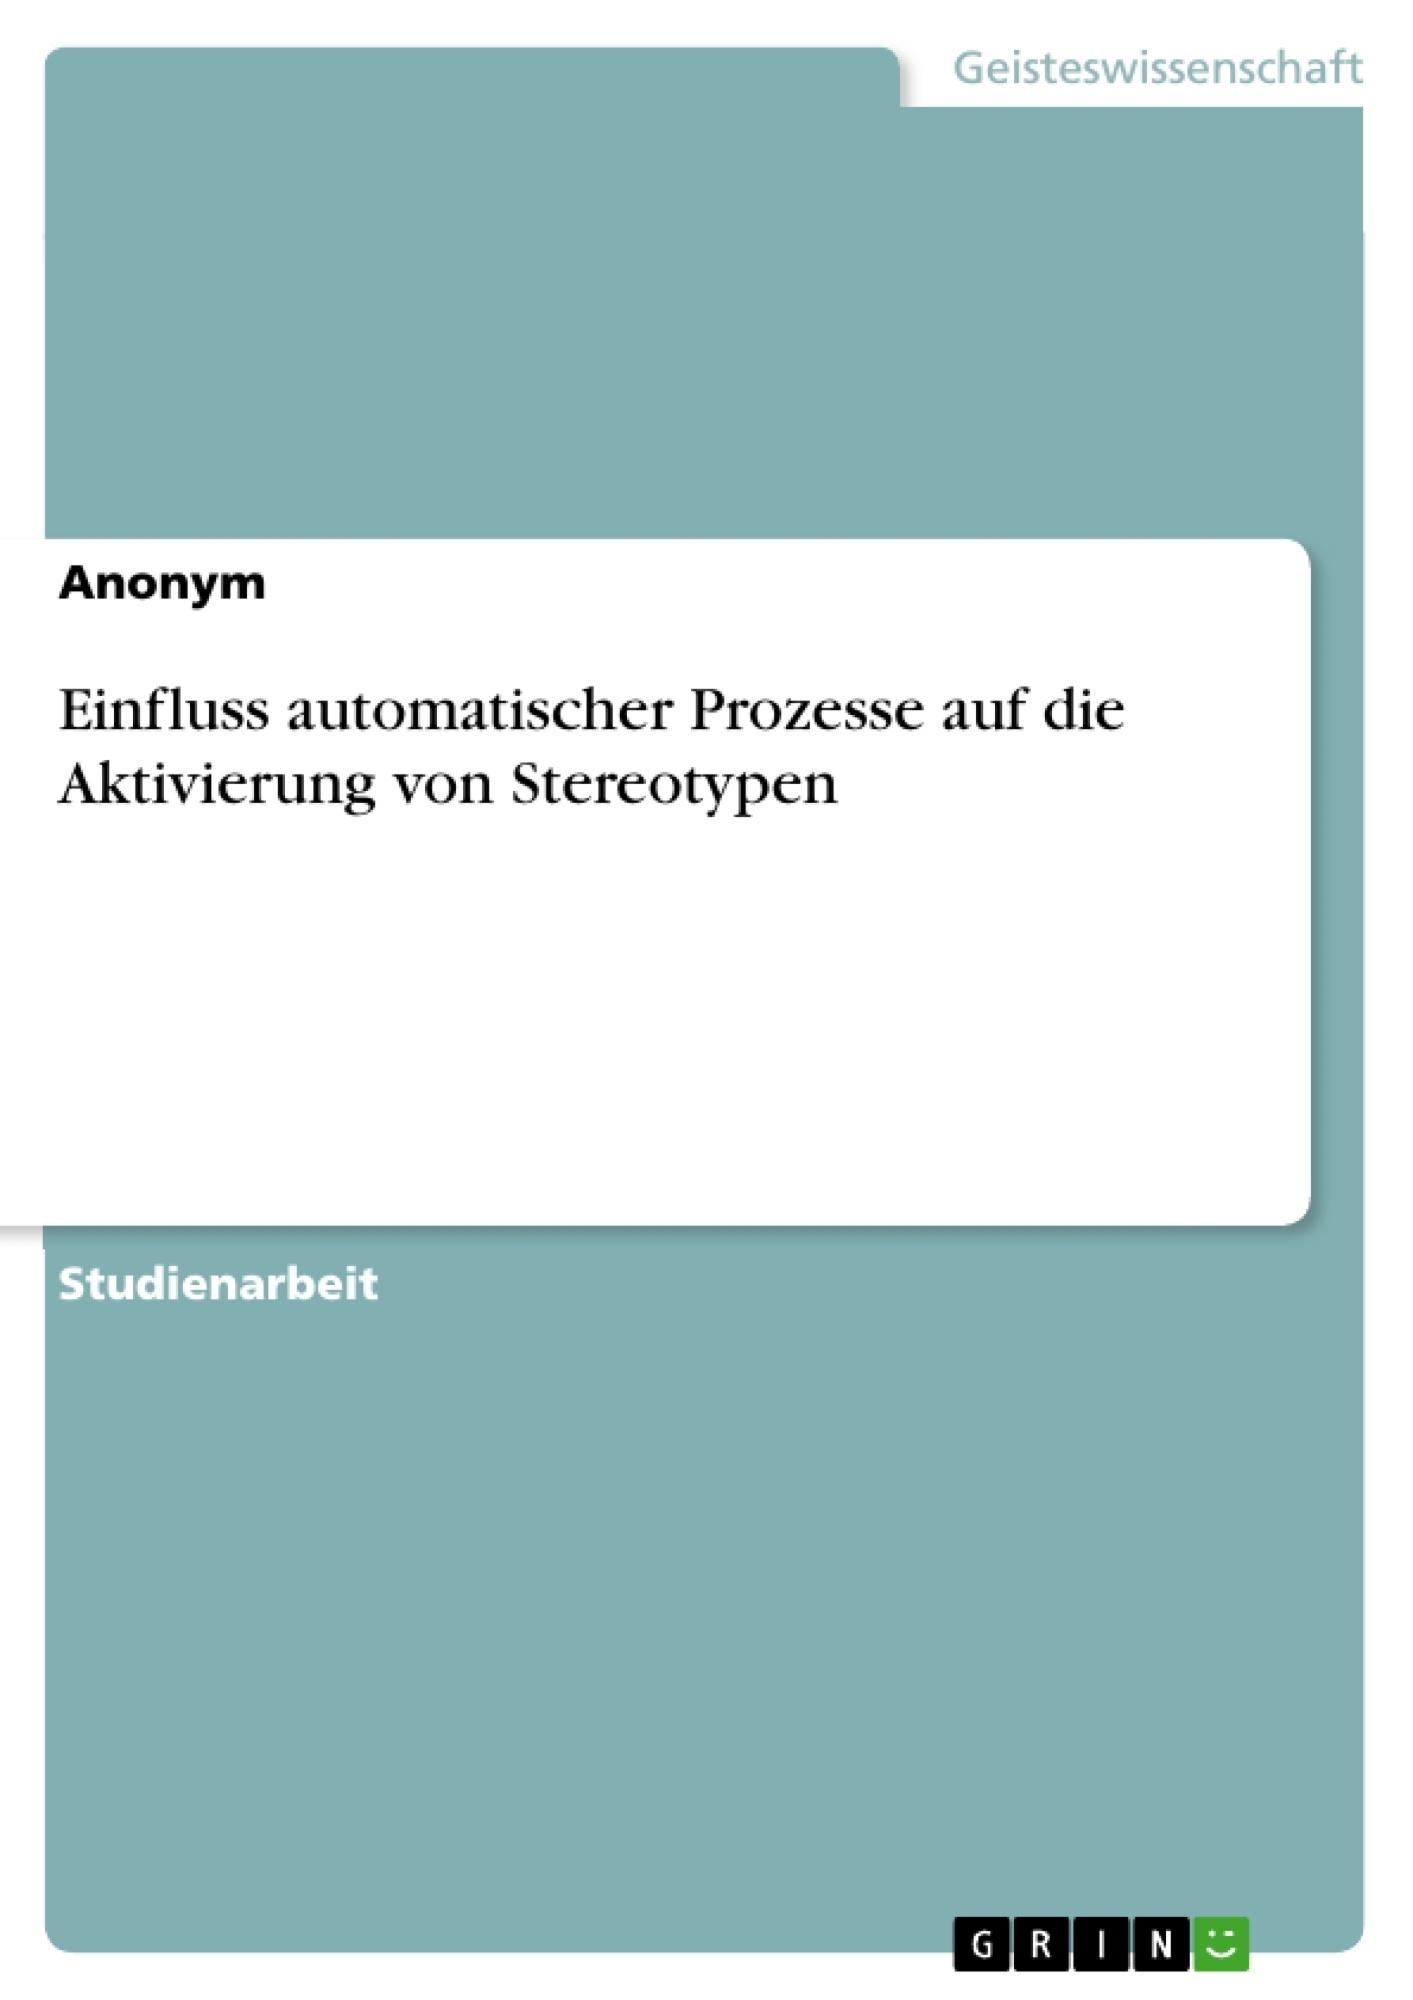 Titel: Einfluss automatischer Prozesse auf die Aktivierung von Stereotypen